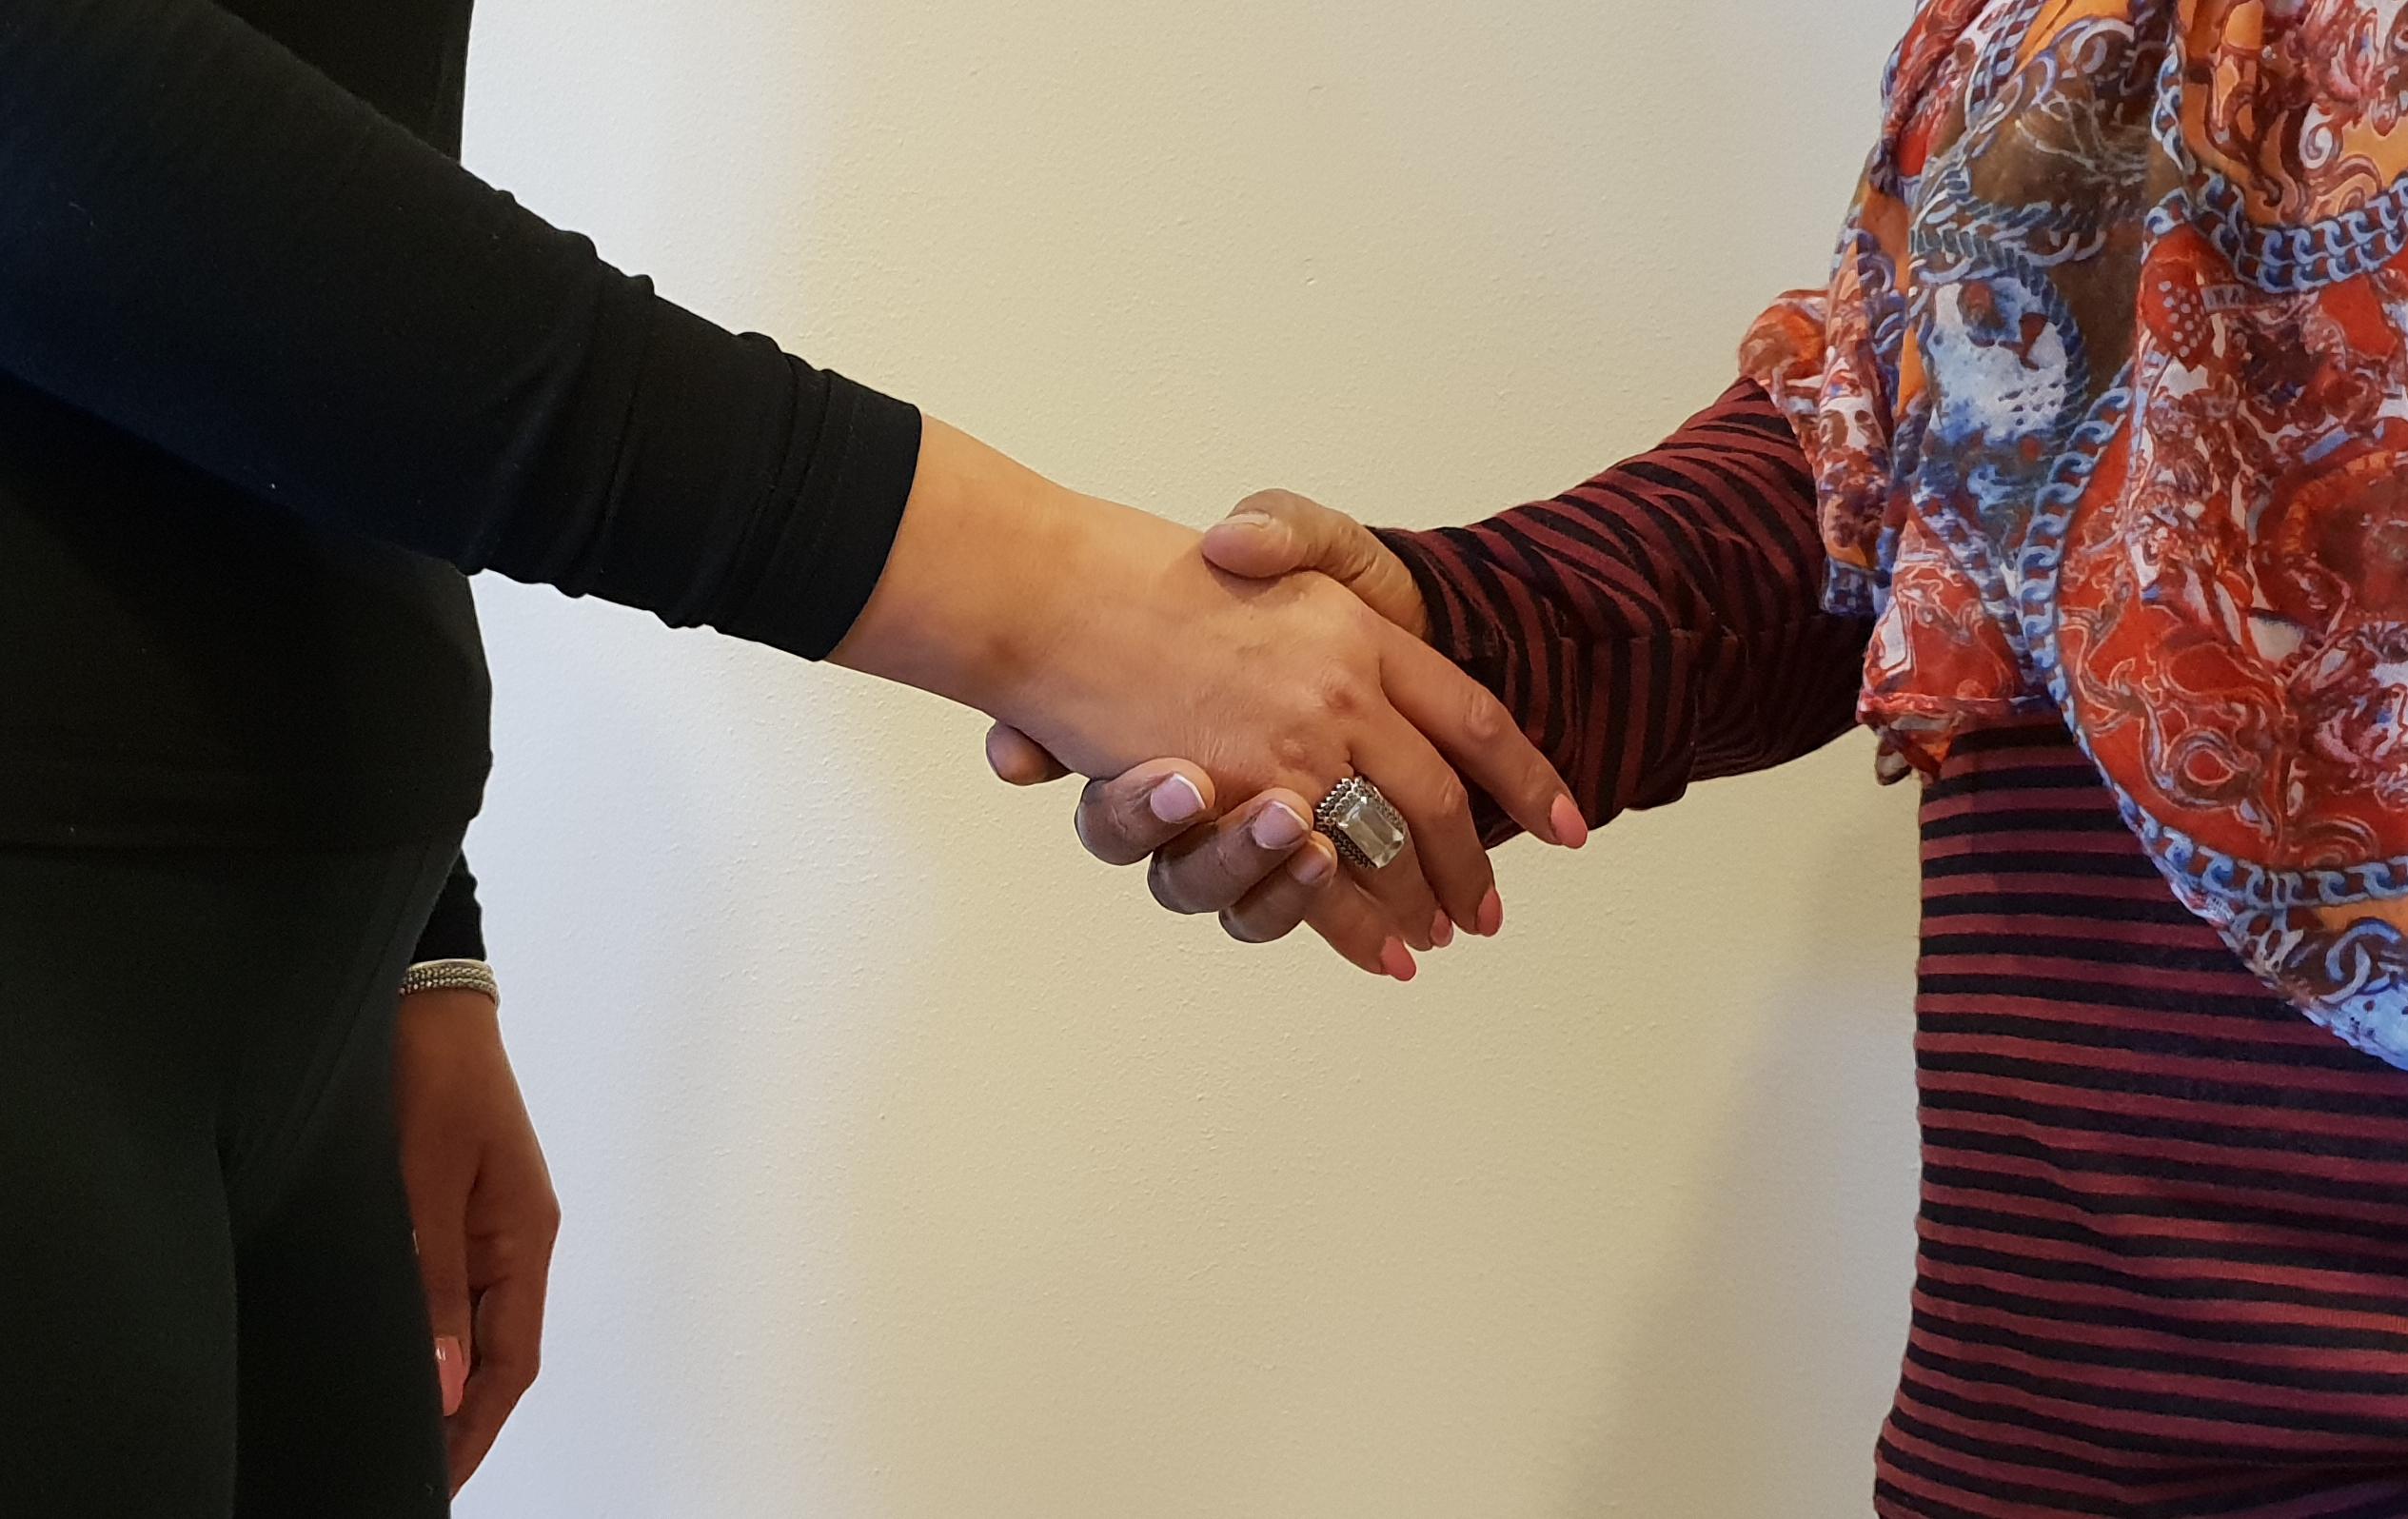 Vi välkomnar fler samarbetspartners